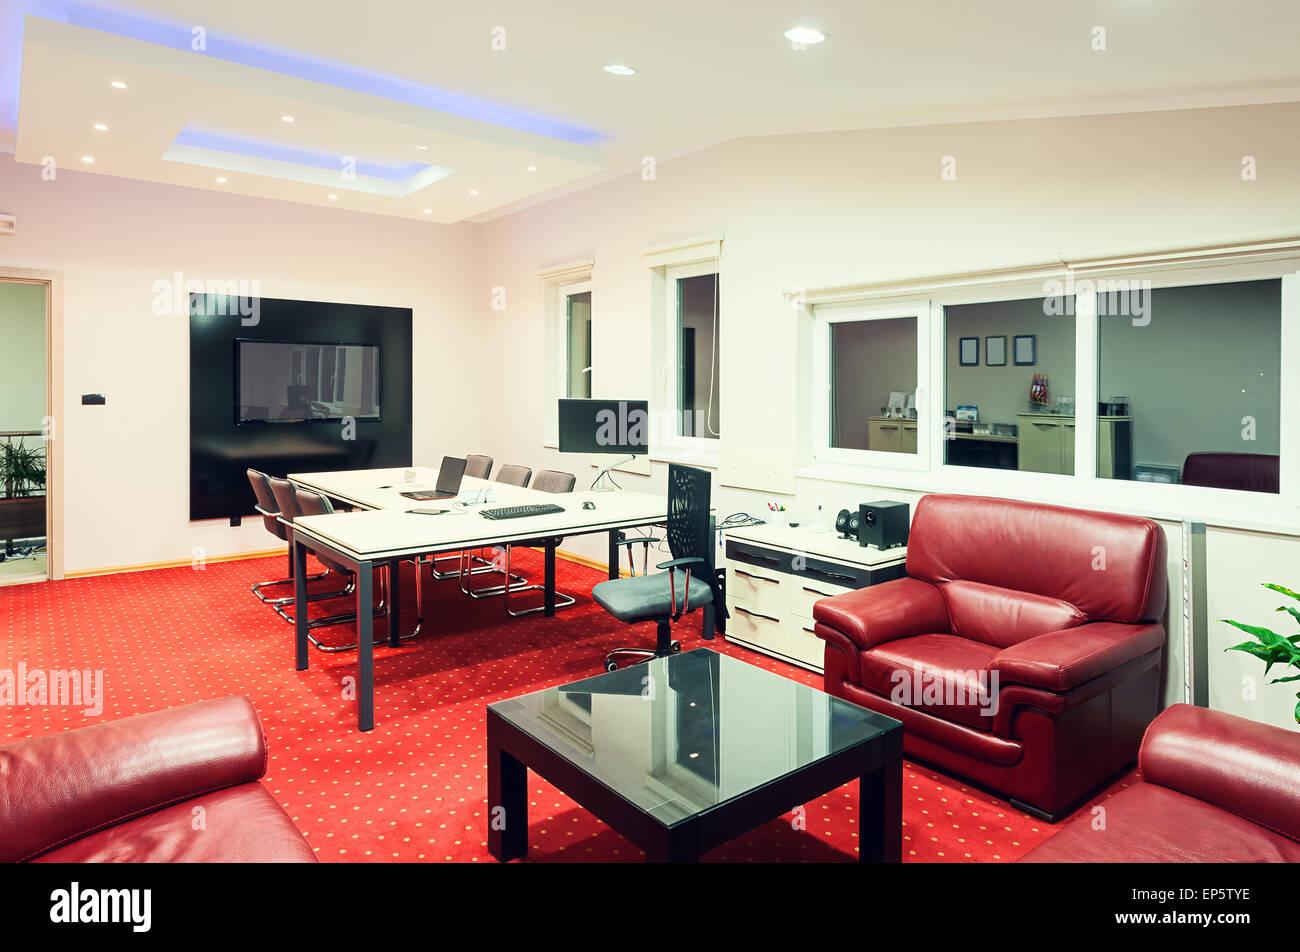 Innenraum eines Manager-Büros, modernes Design mit Luxus-Möbel ...